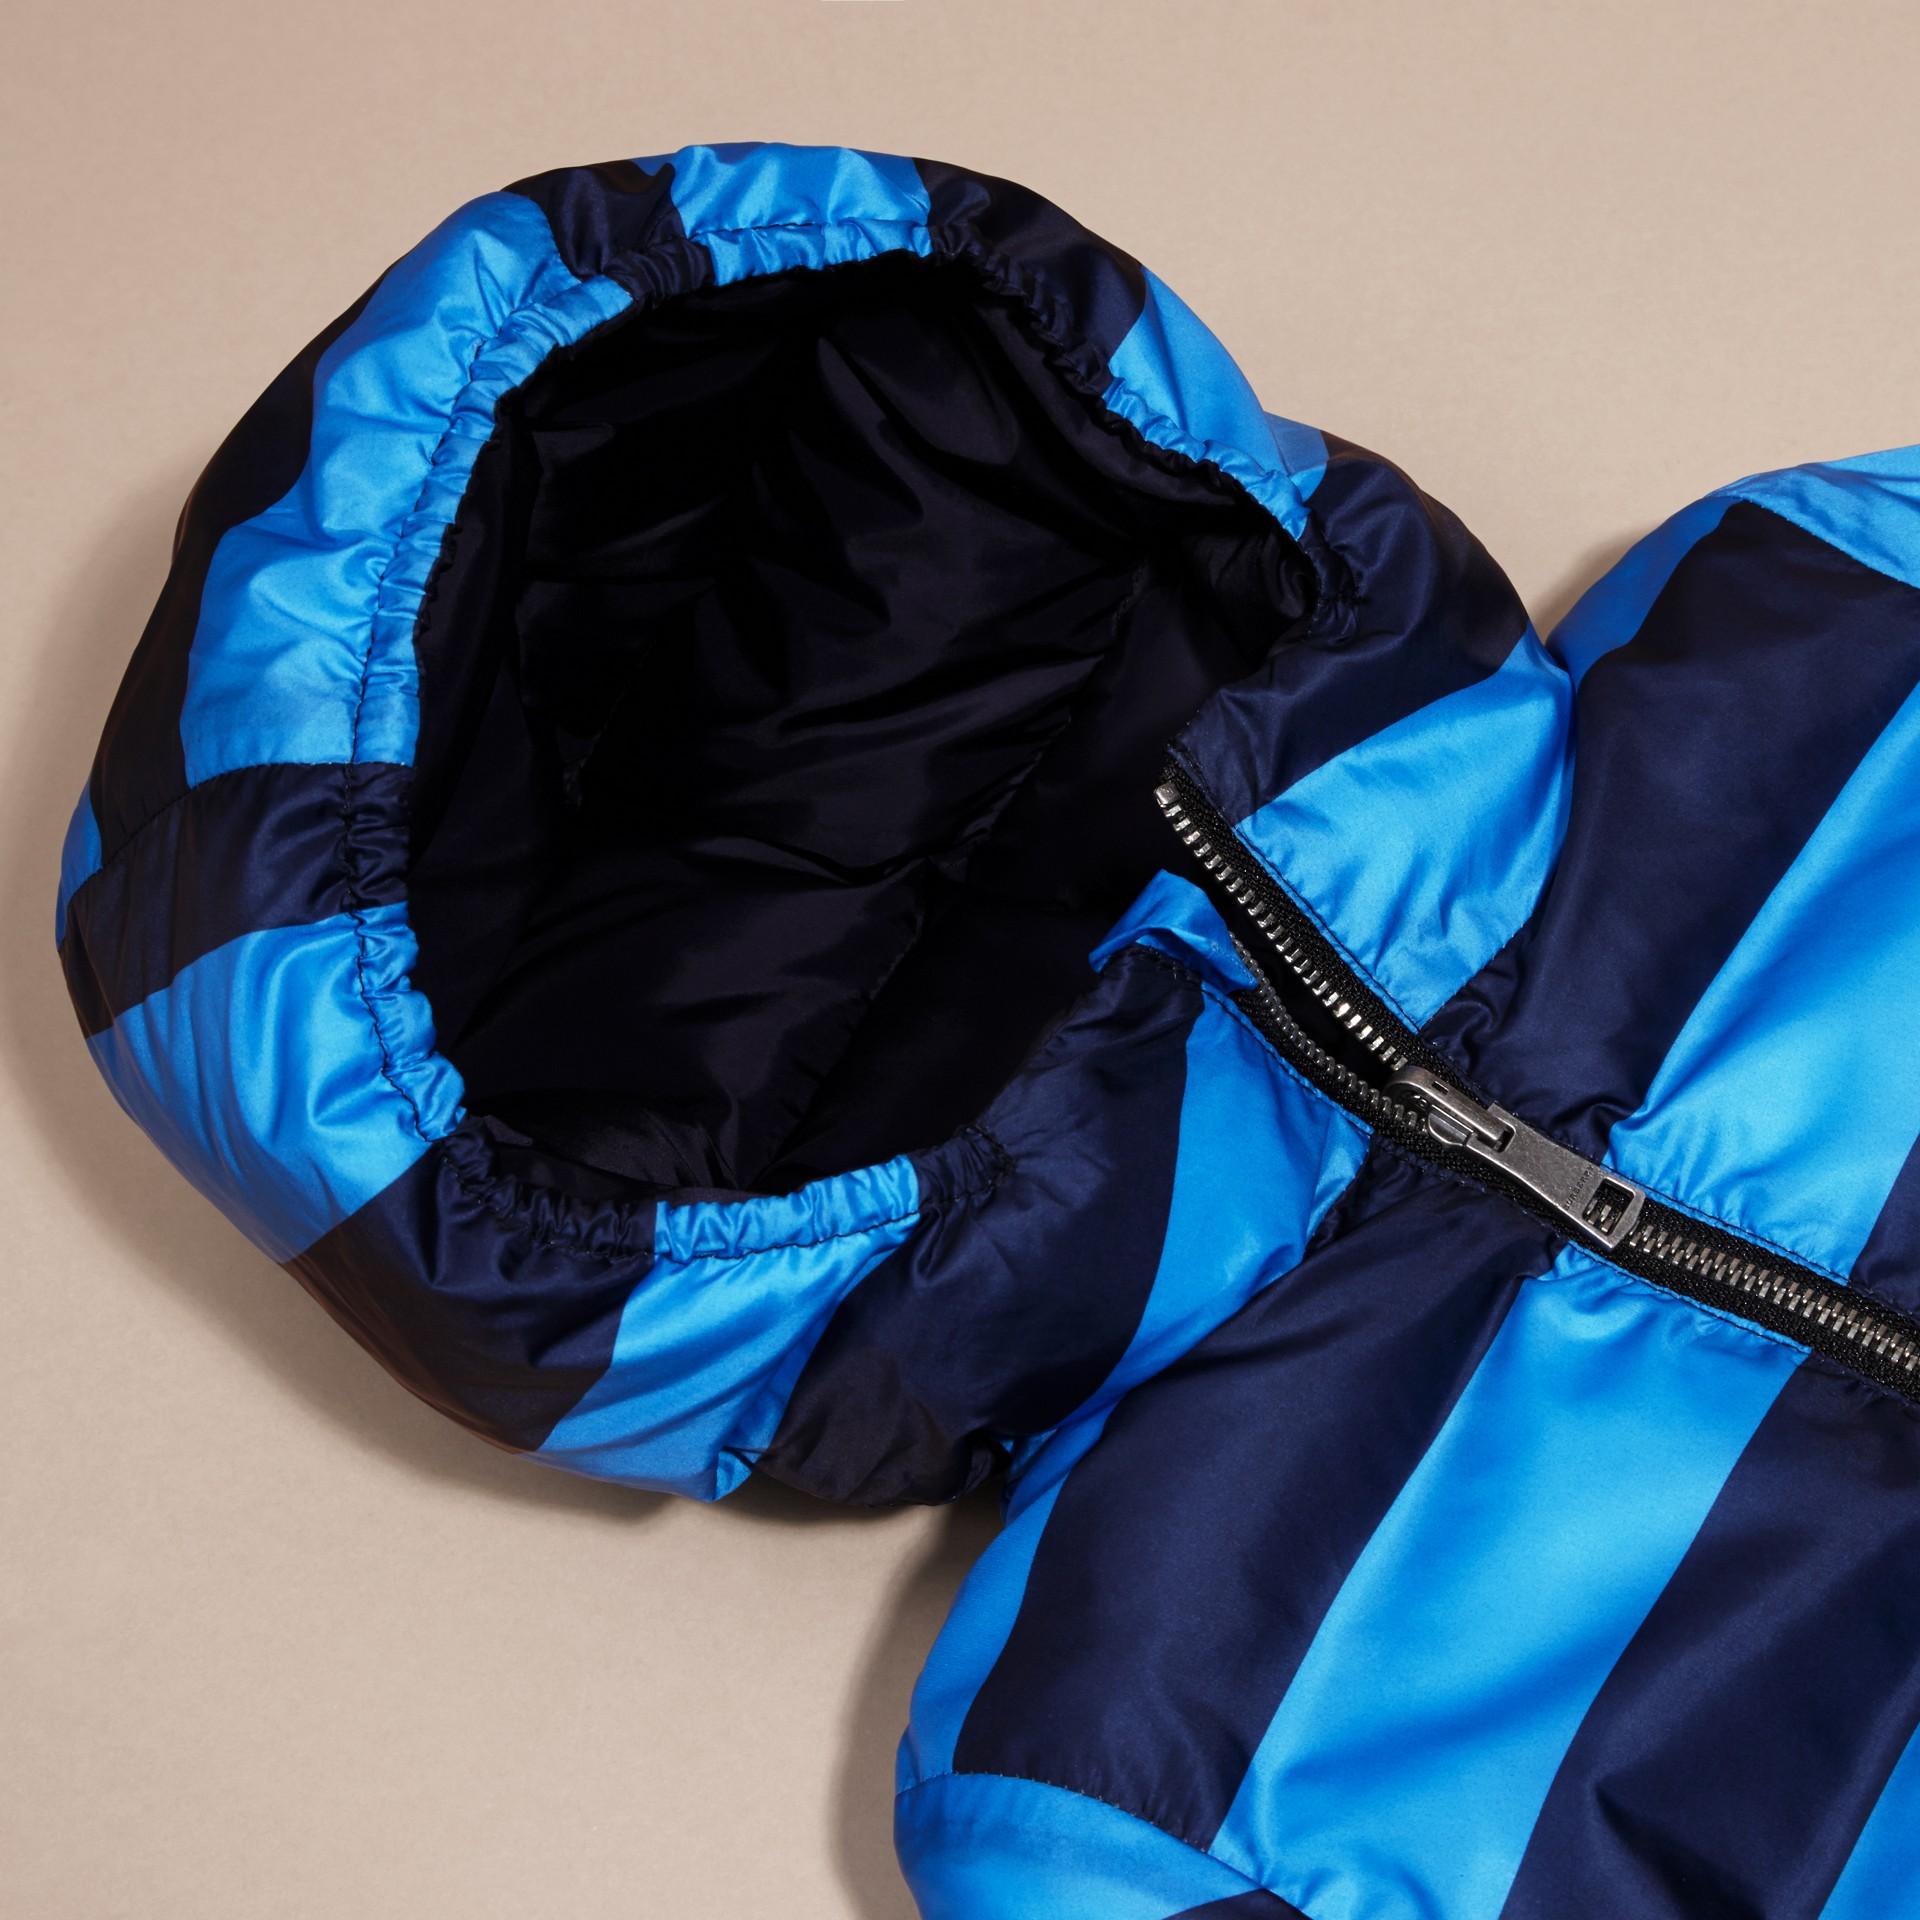 Bleu encre Doudoune longue réversible rembourrée en duvet - photo de la galerie 2